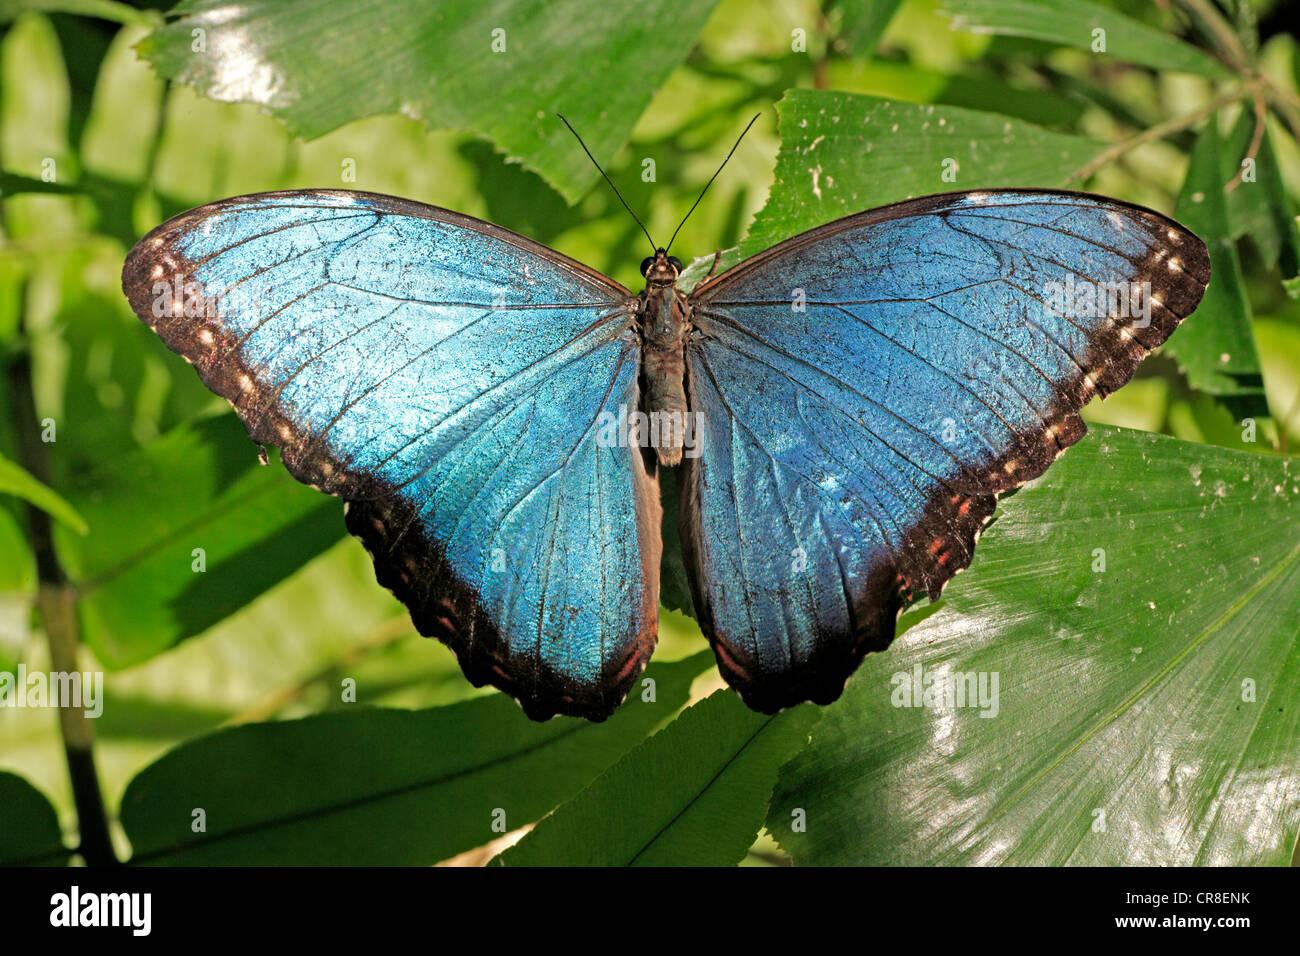 Bộ sưu tập cánh vẩy 6 - Page 4 Anaxibia-or-morpho-butterfly-morpho-anaxibia-imago-south-america-CR8ENK